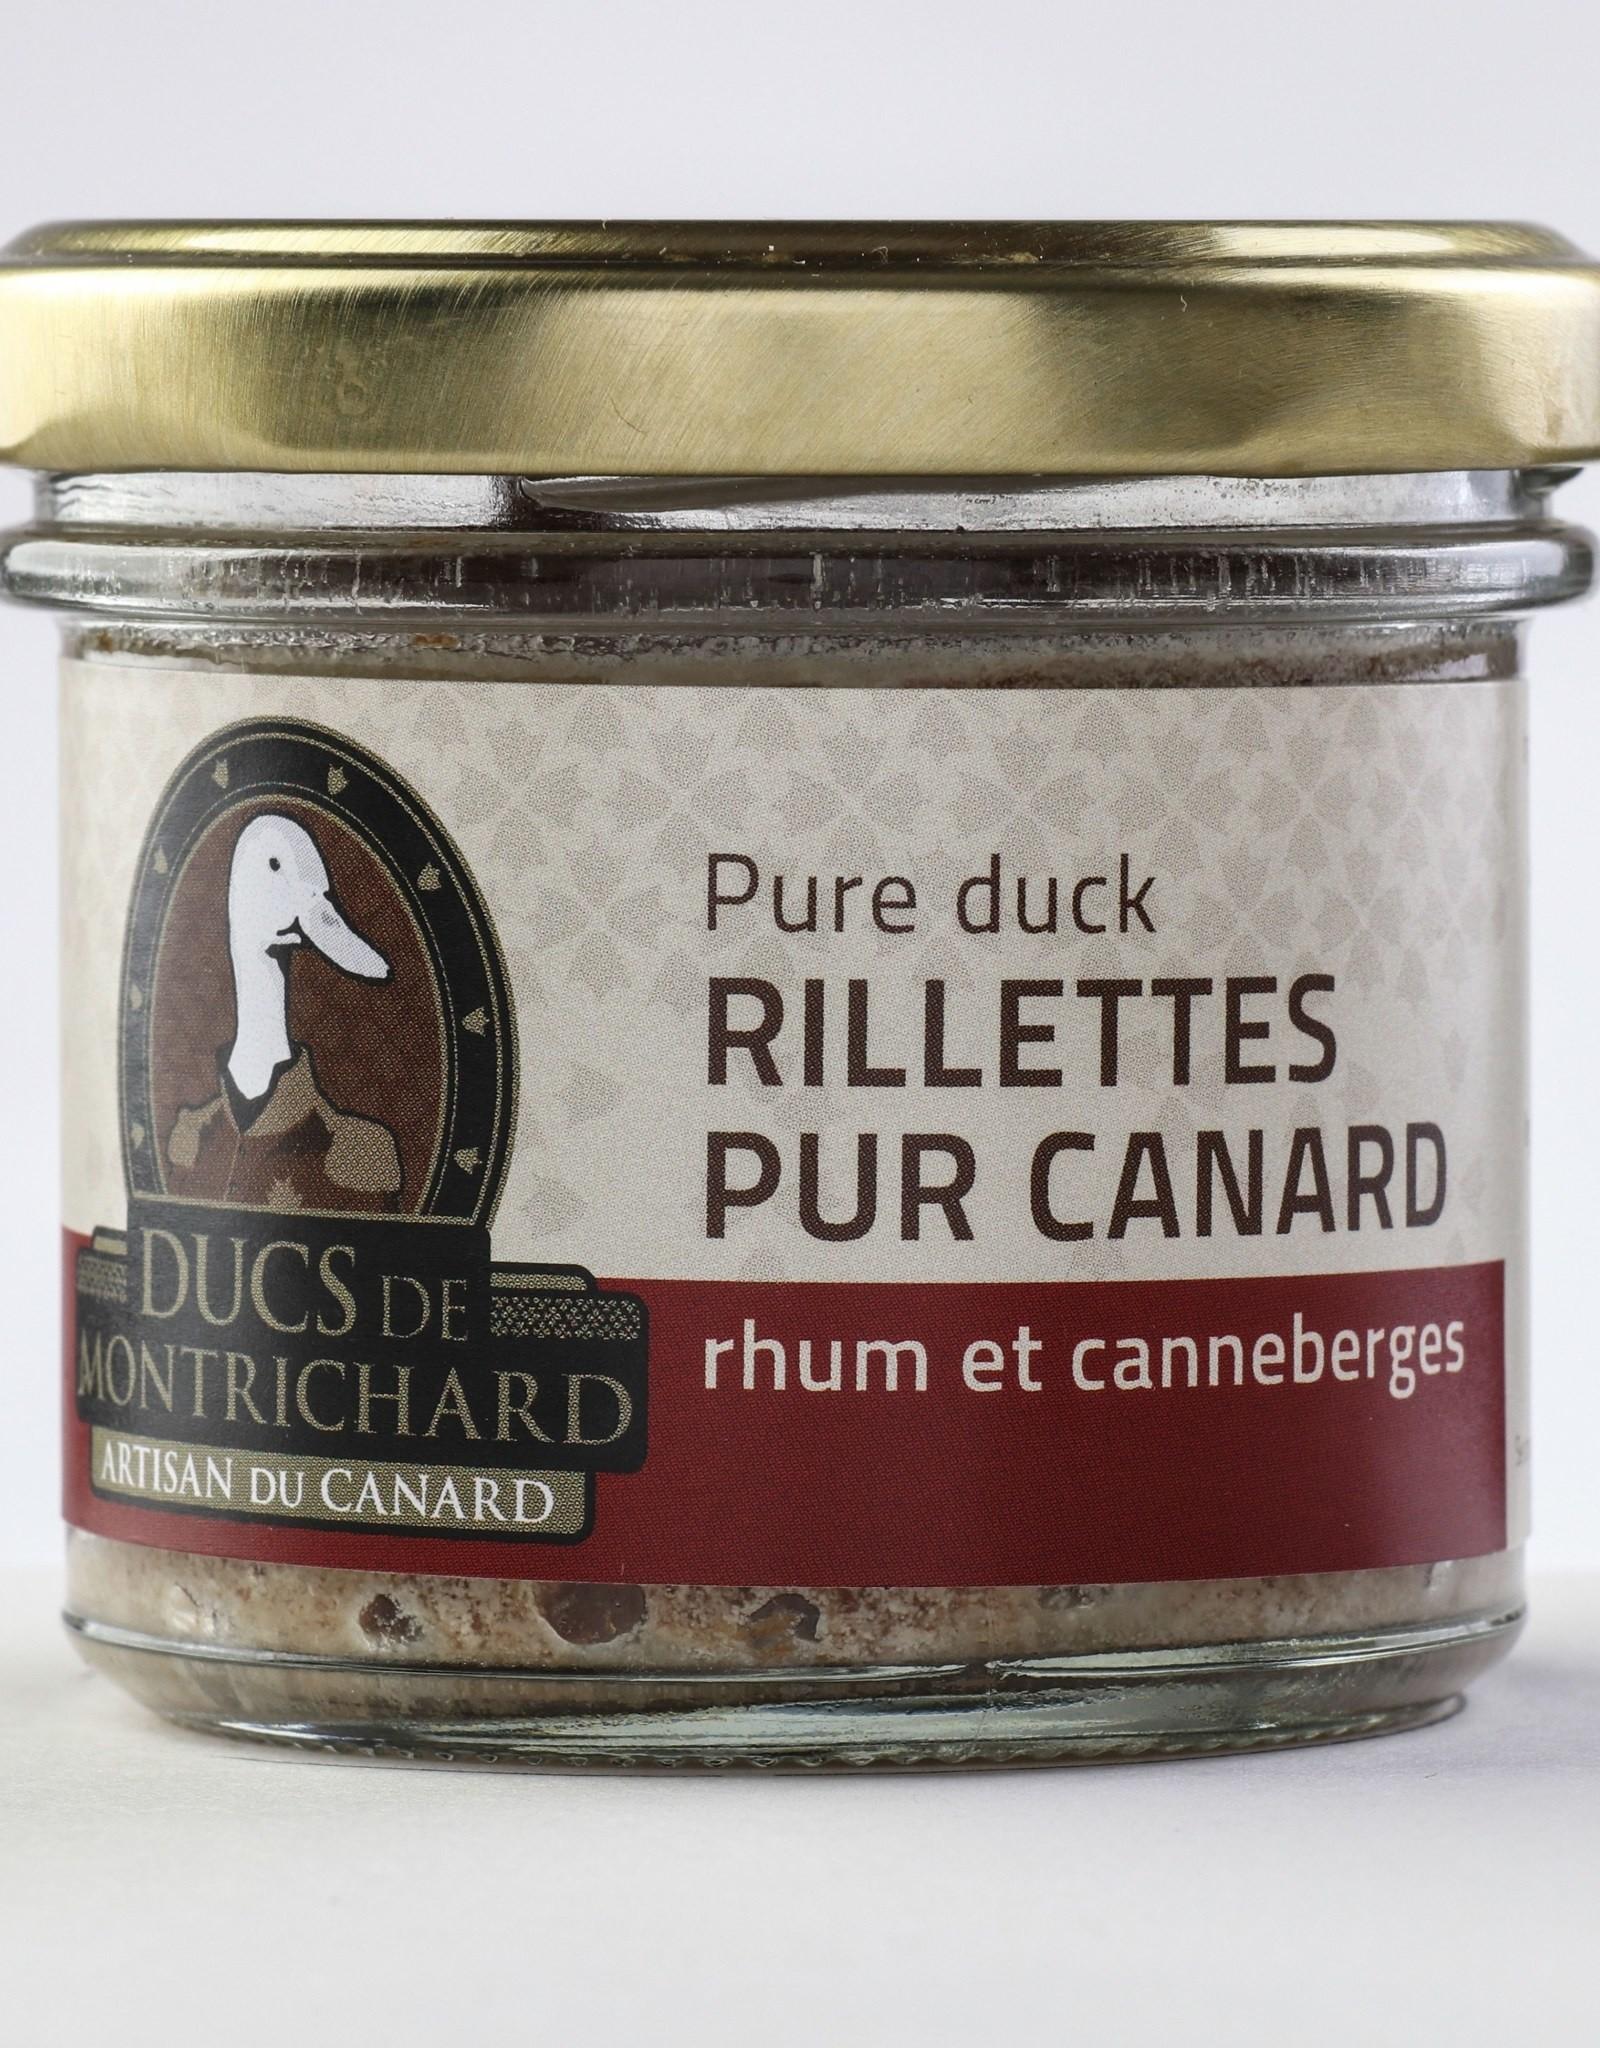 Duc de montrichard Rillettes de canard Rhum & Canneberges